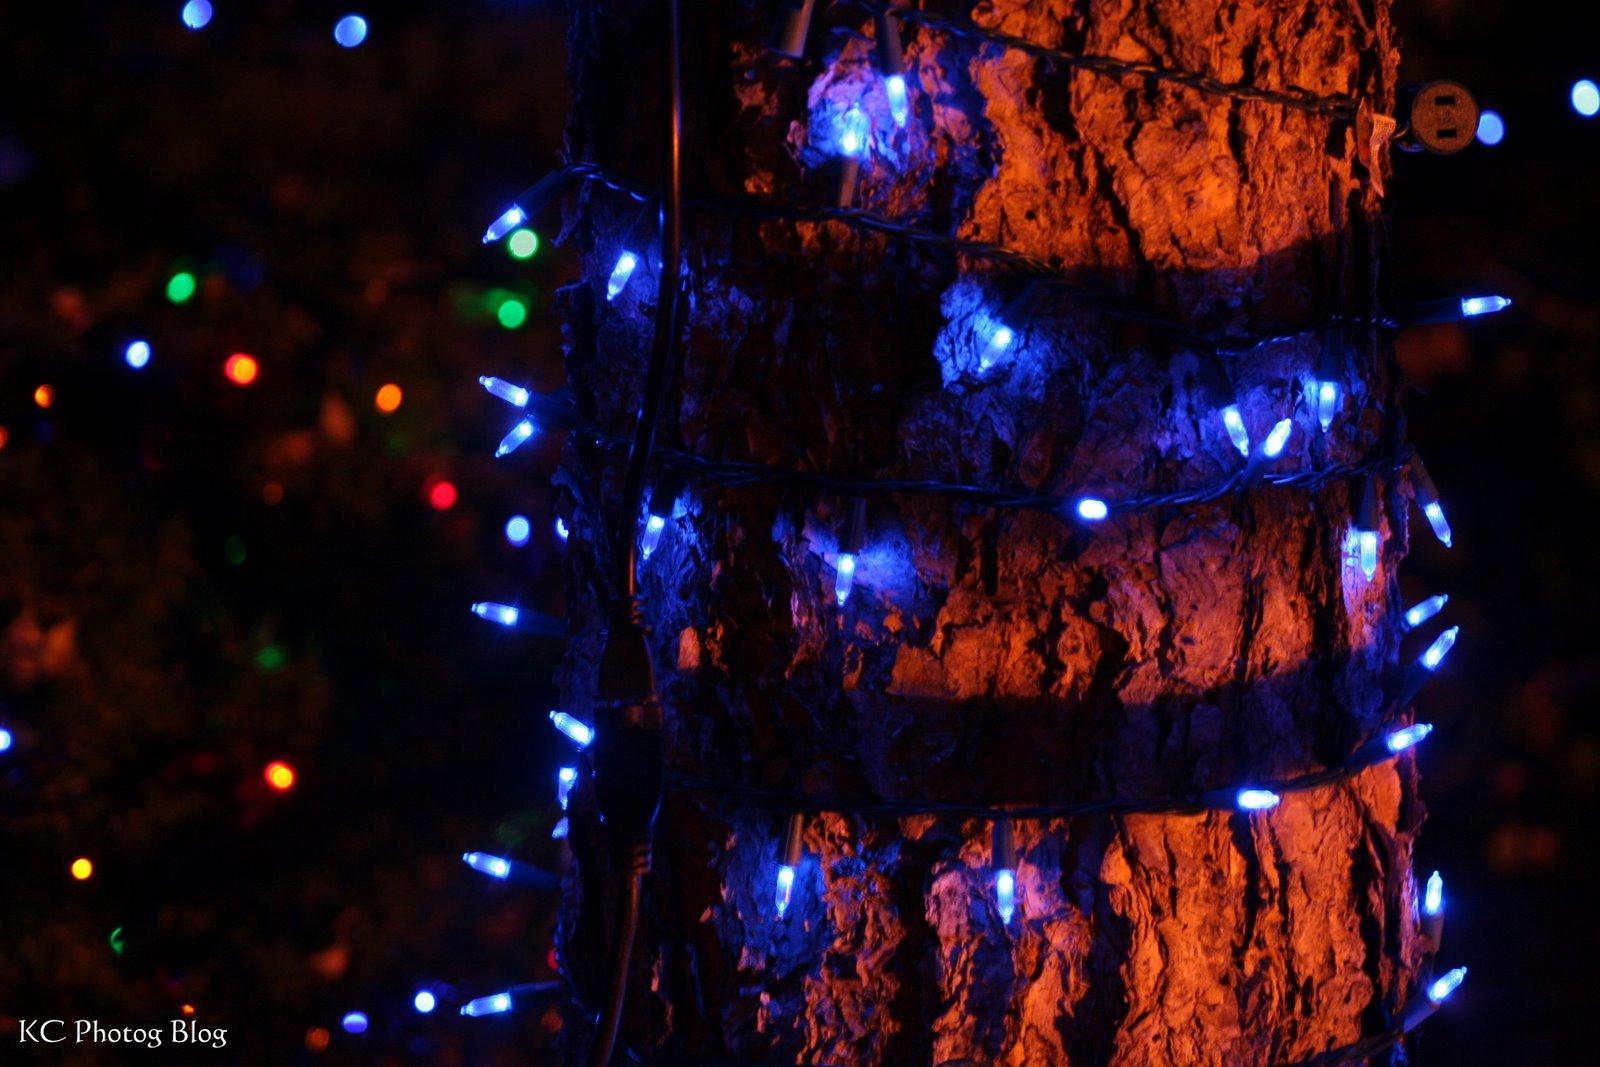 1600 Sf To Sm Kc Photog Blog Holiday Lights